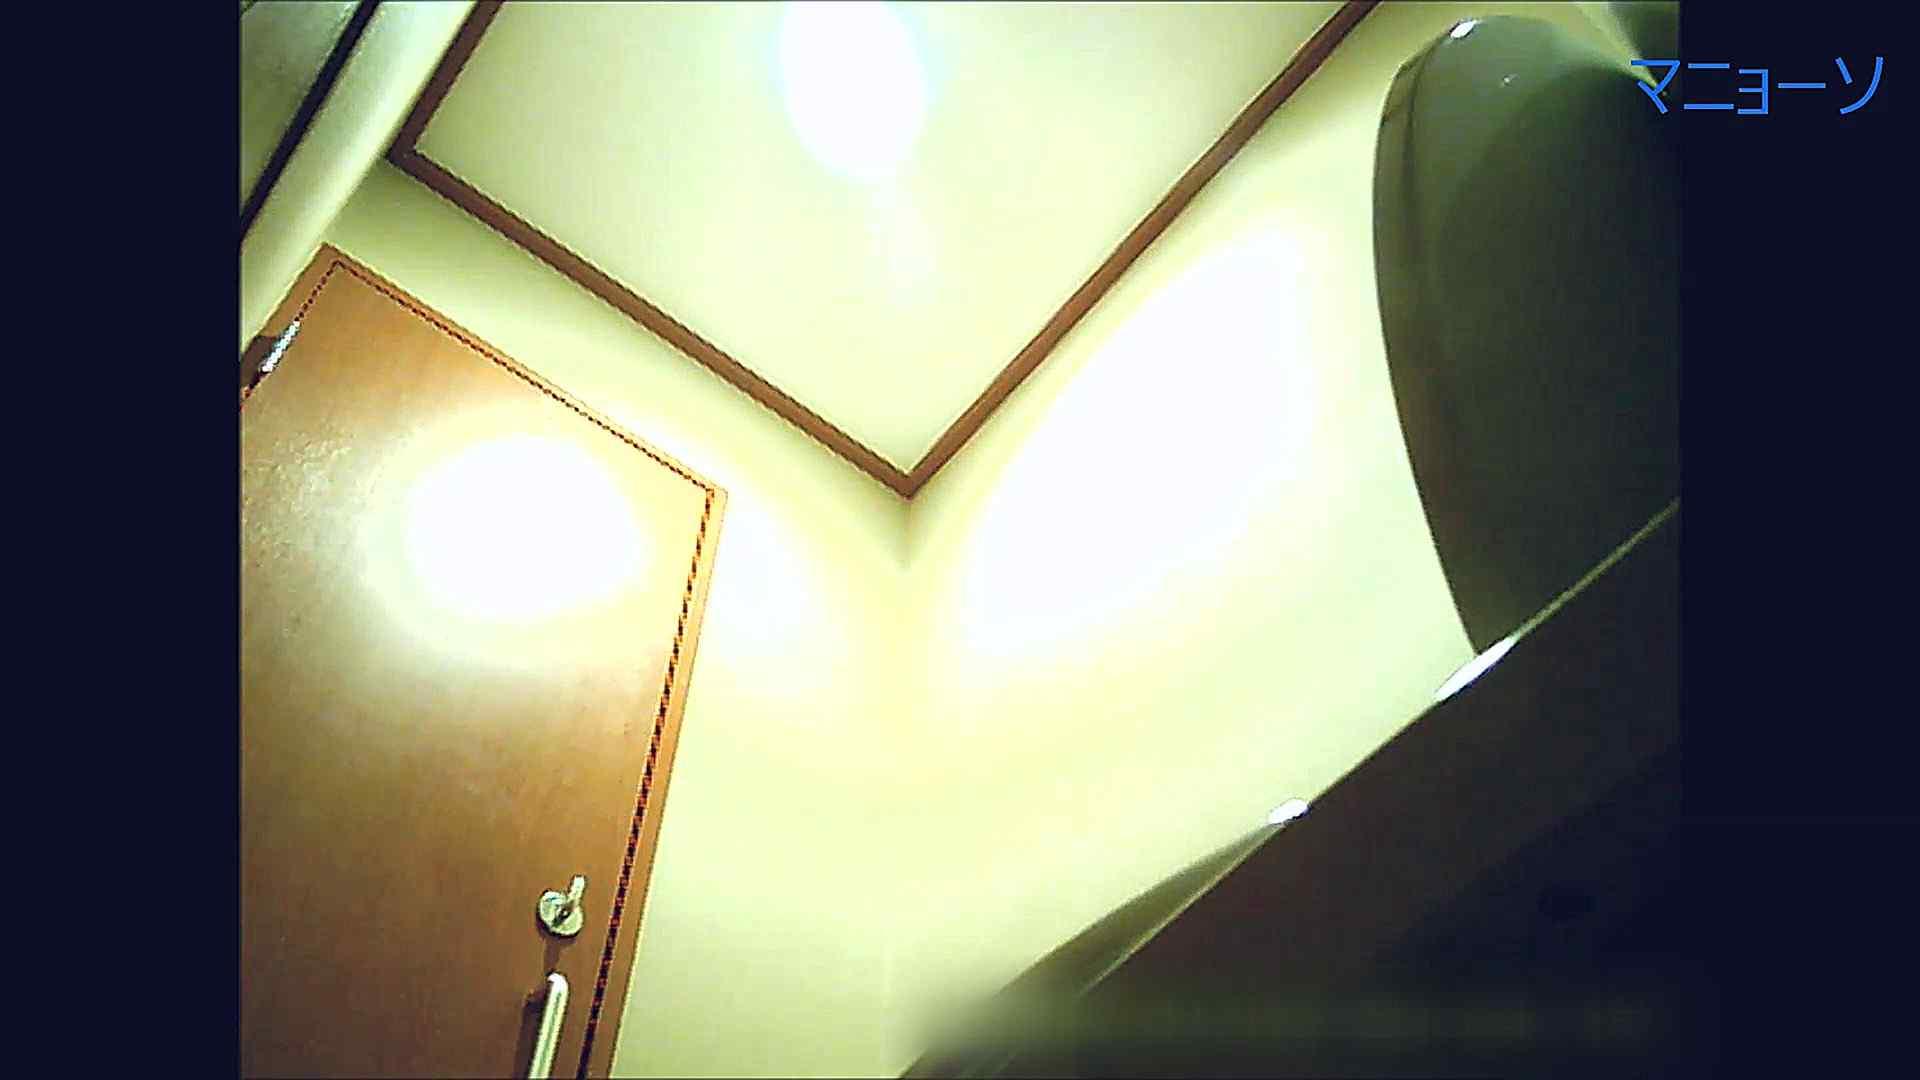 トイレでひと肌脱いでもらいました (番外編)Vol.04 OL  64pic 27